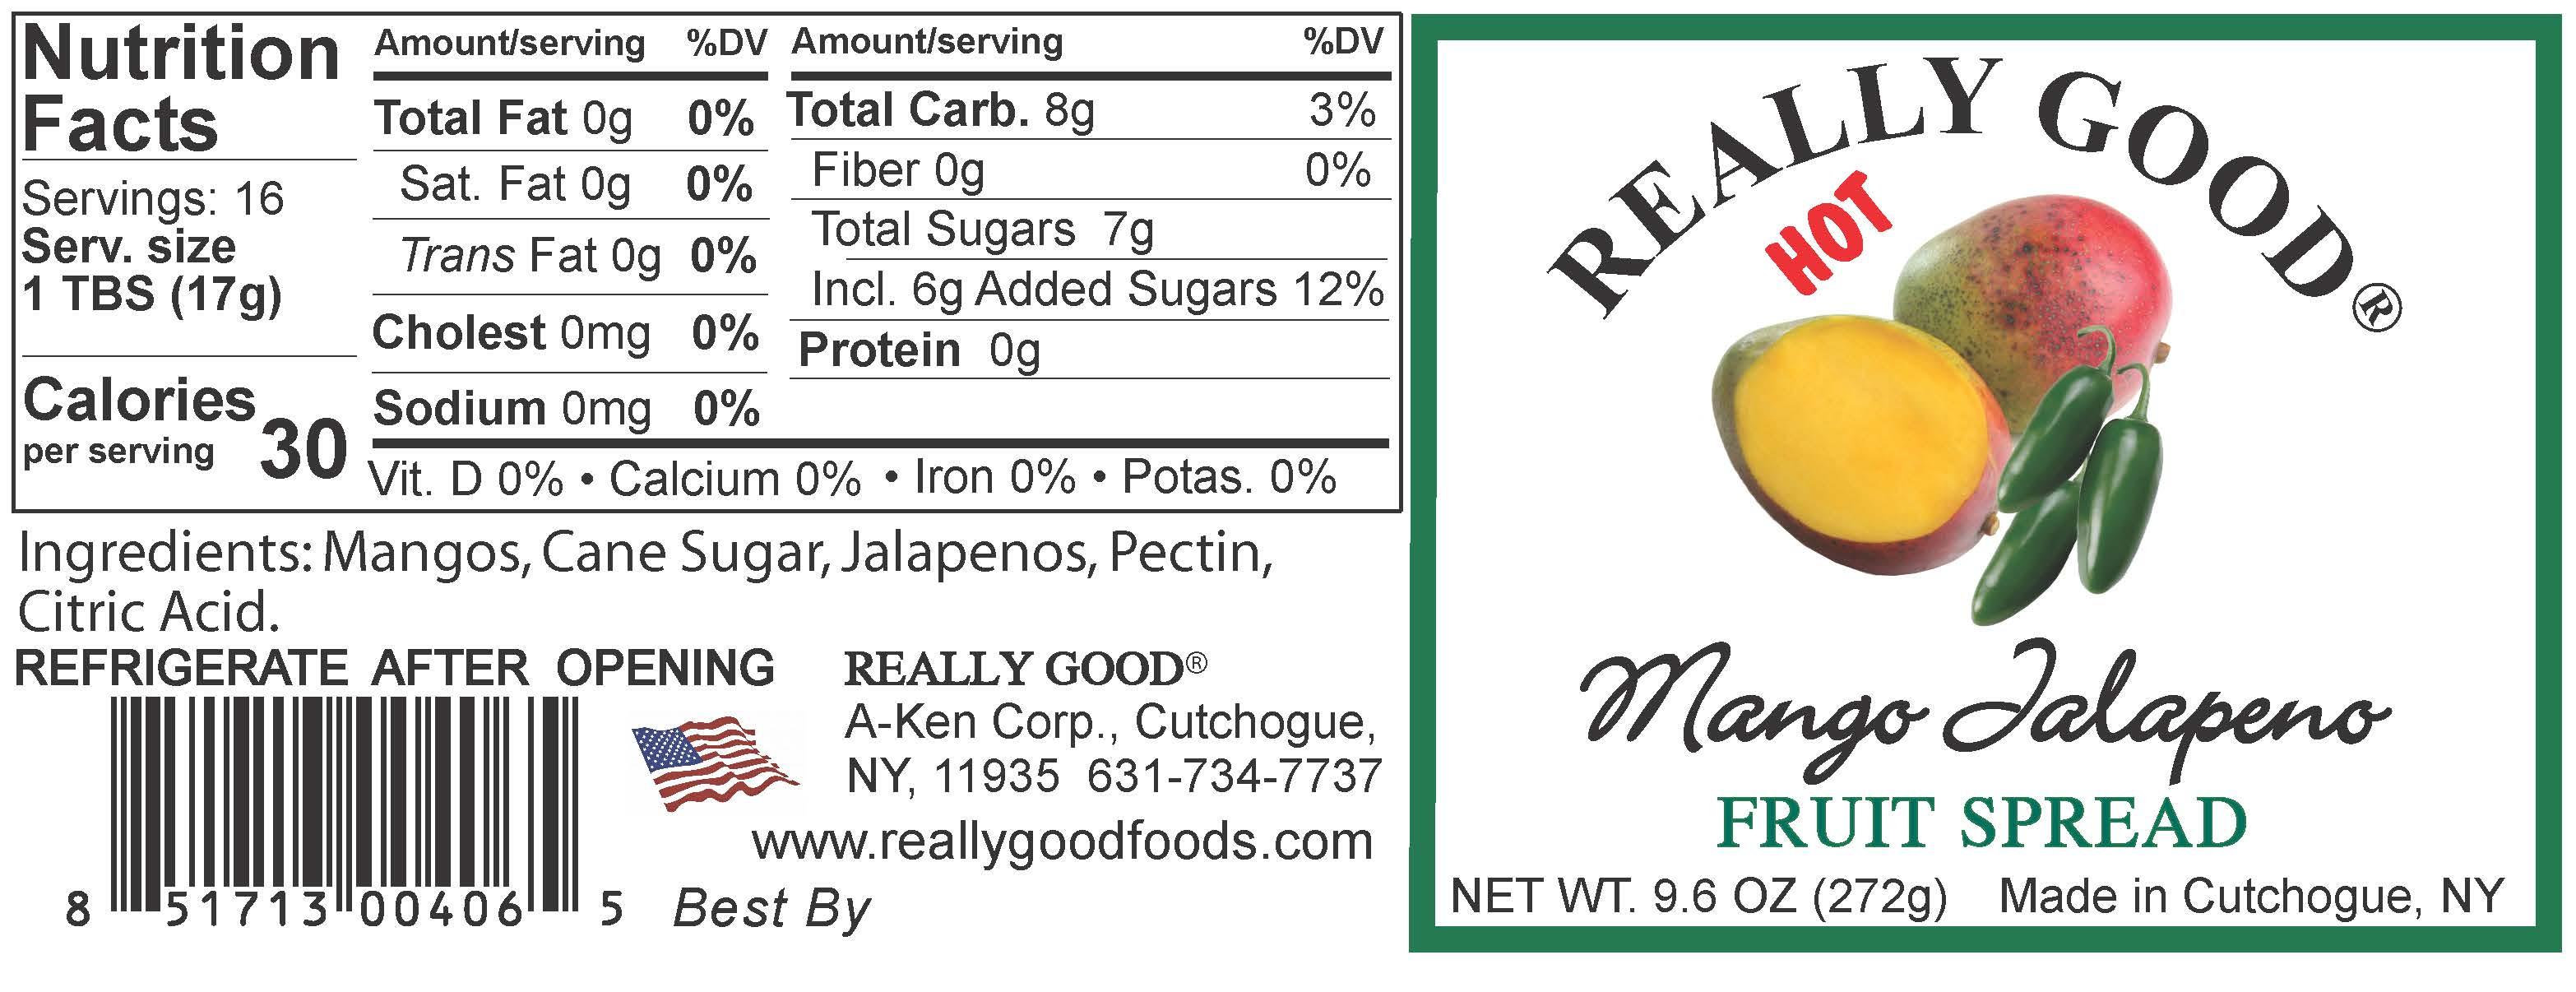 mango-jalapeno-9.6oz-label.jpg